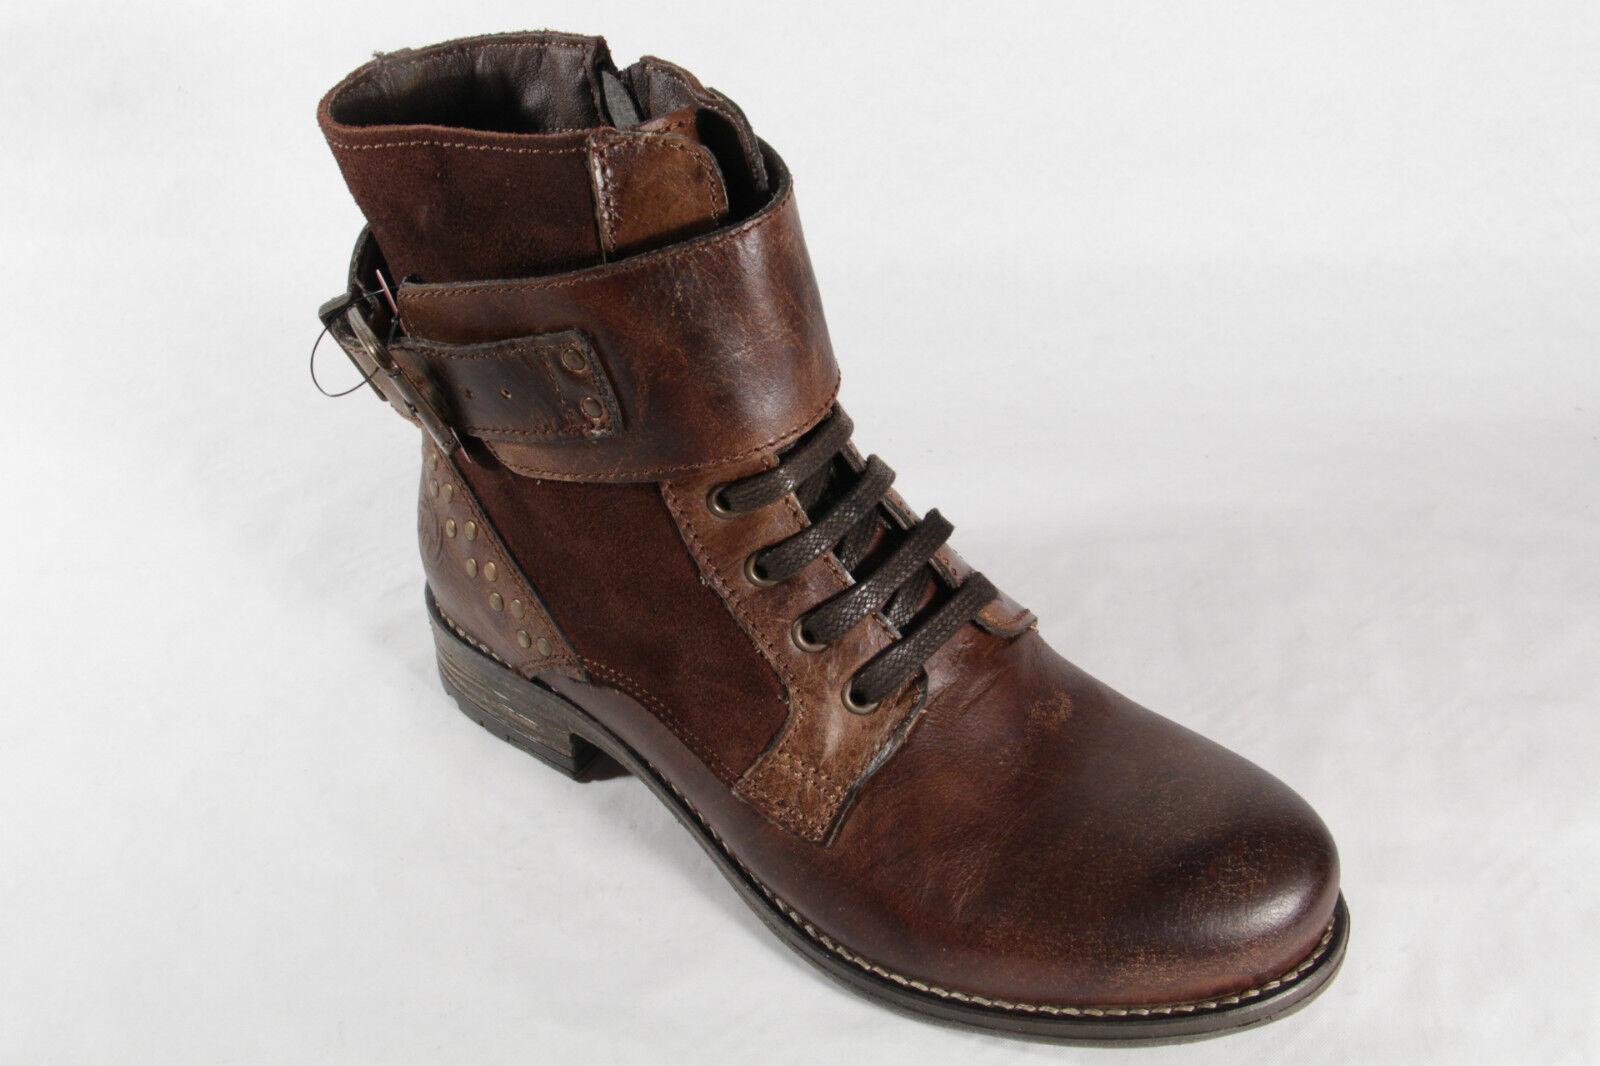 Marco Tozzi Damen Stiefeletten Schnürstiefel, Stiefel, Stiefel, Stiefel, RV, braun 25241 NEU 0507c7